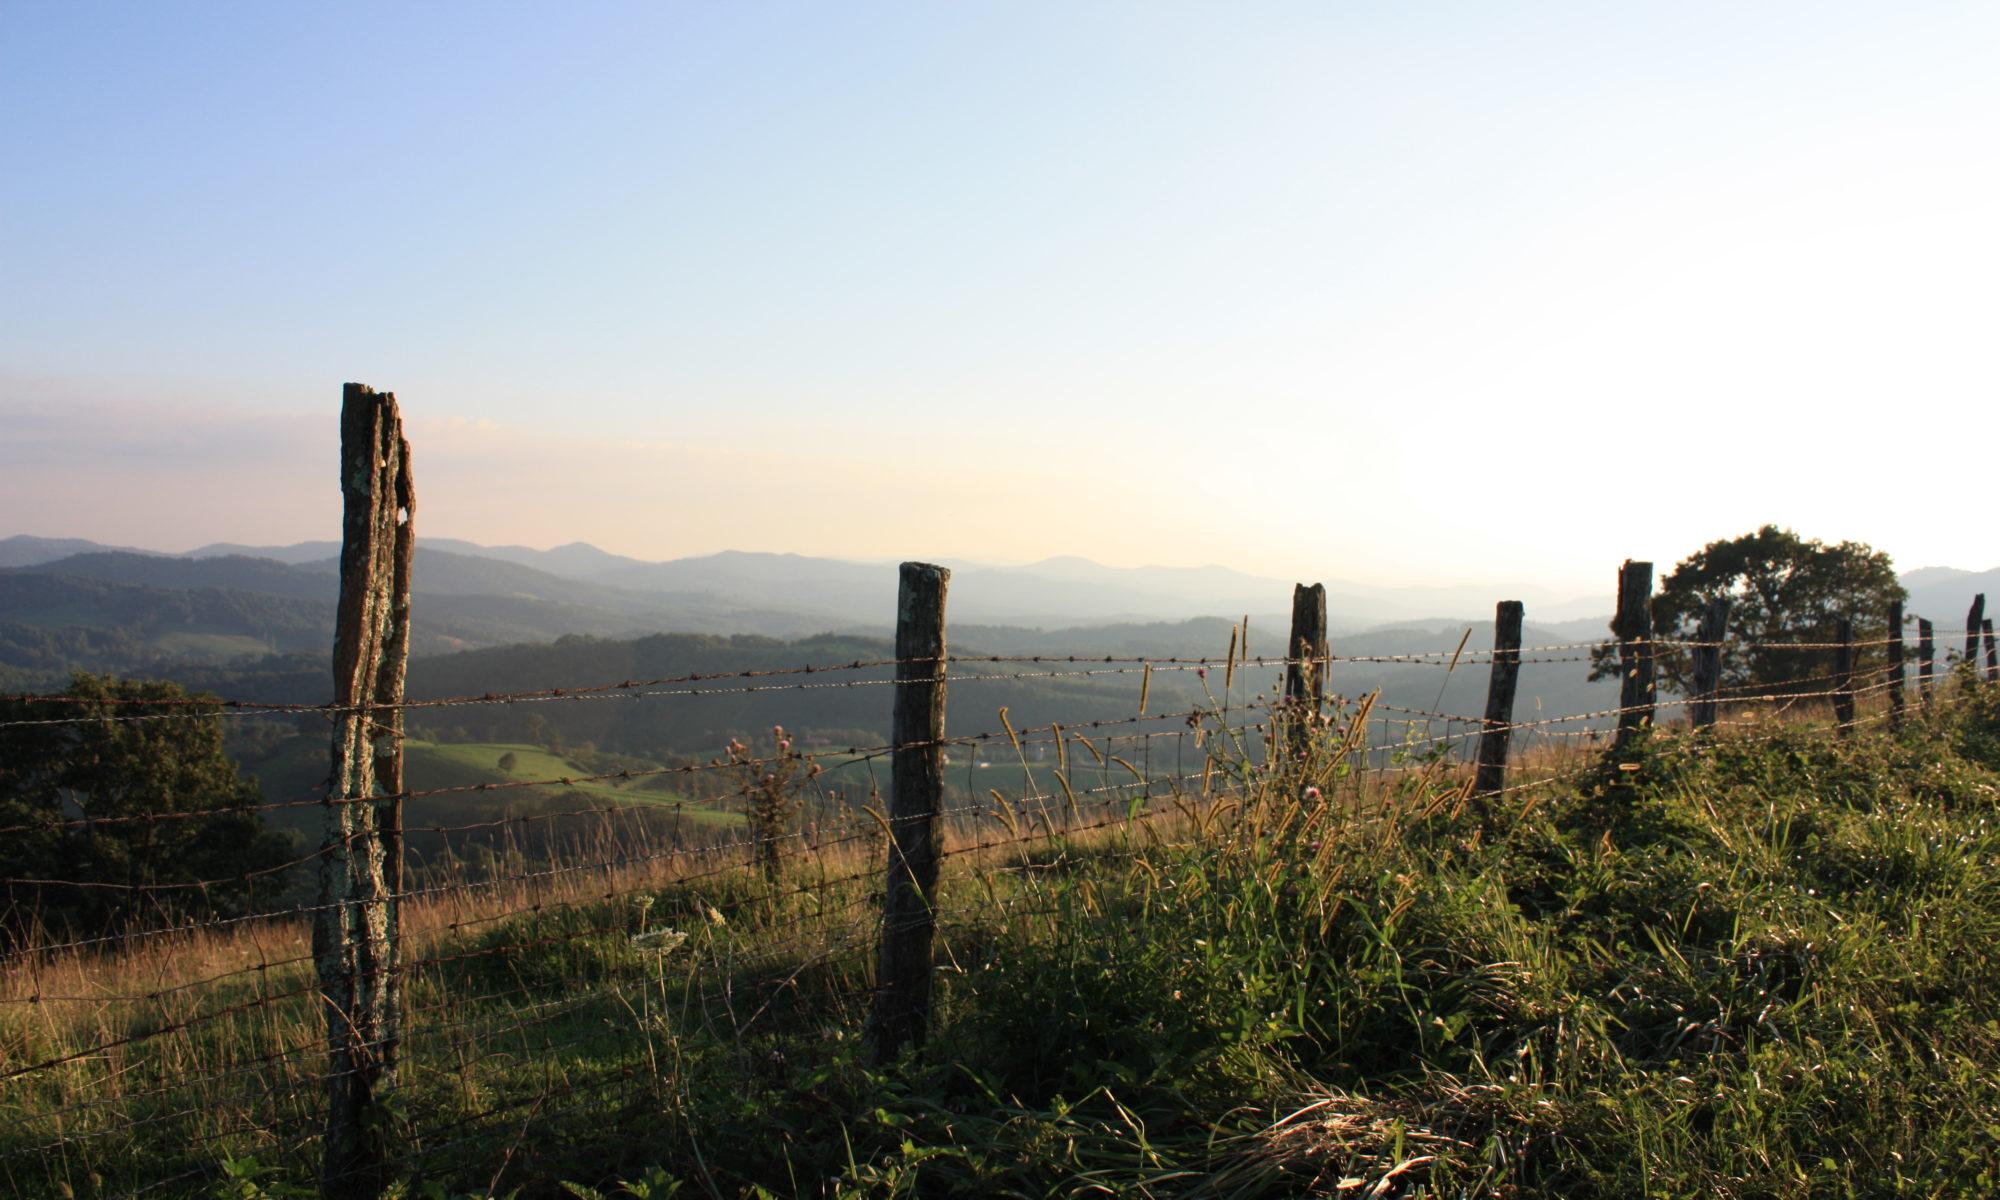 East Tennessee Pasture